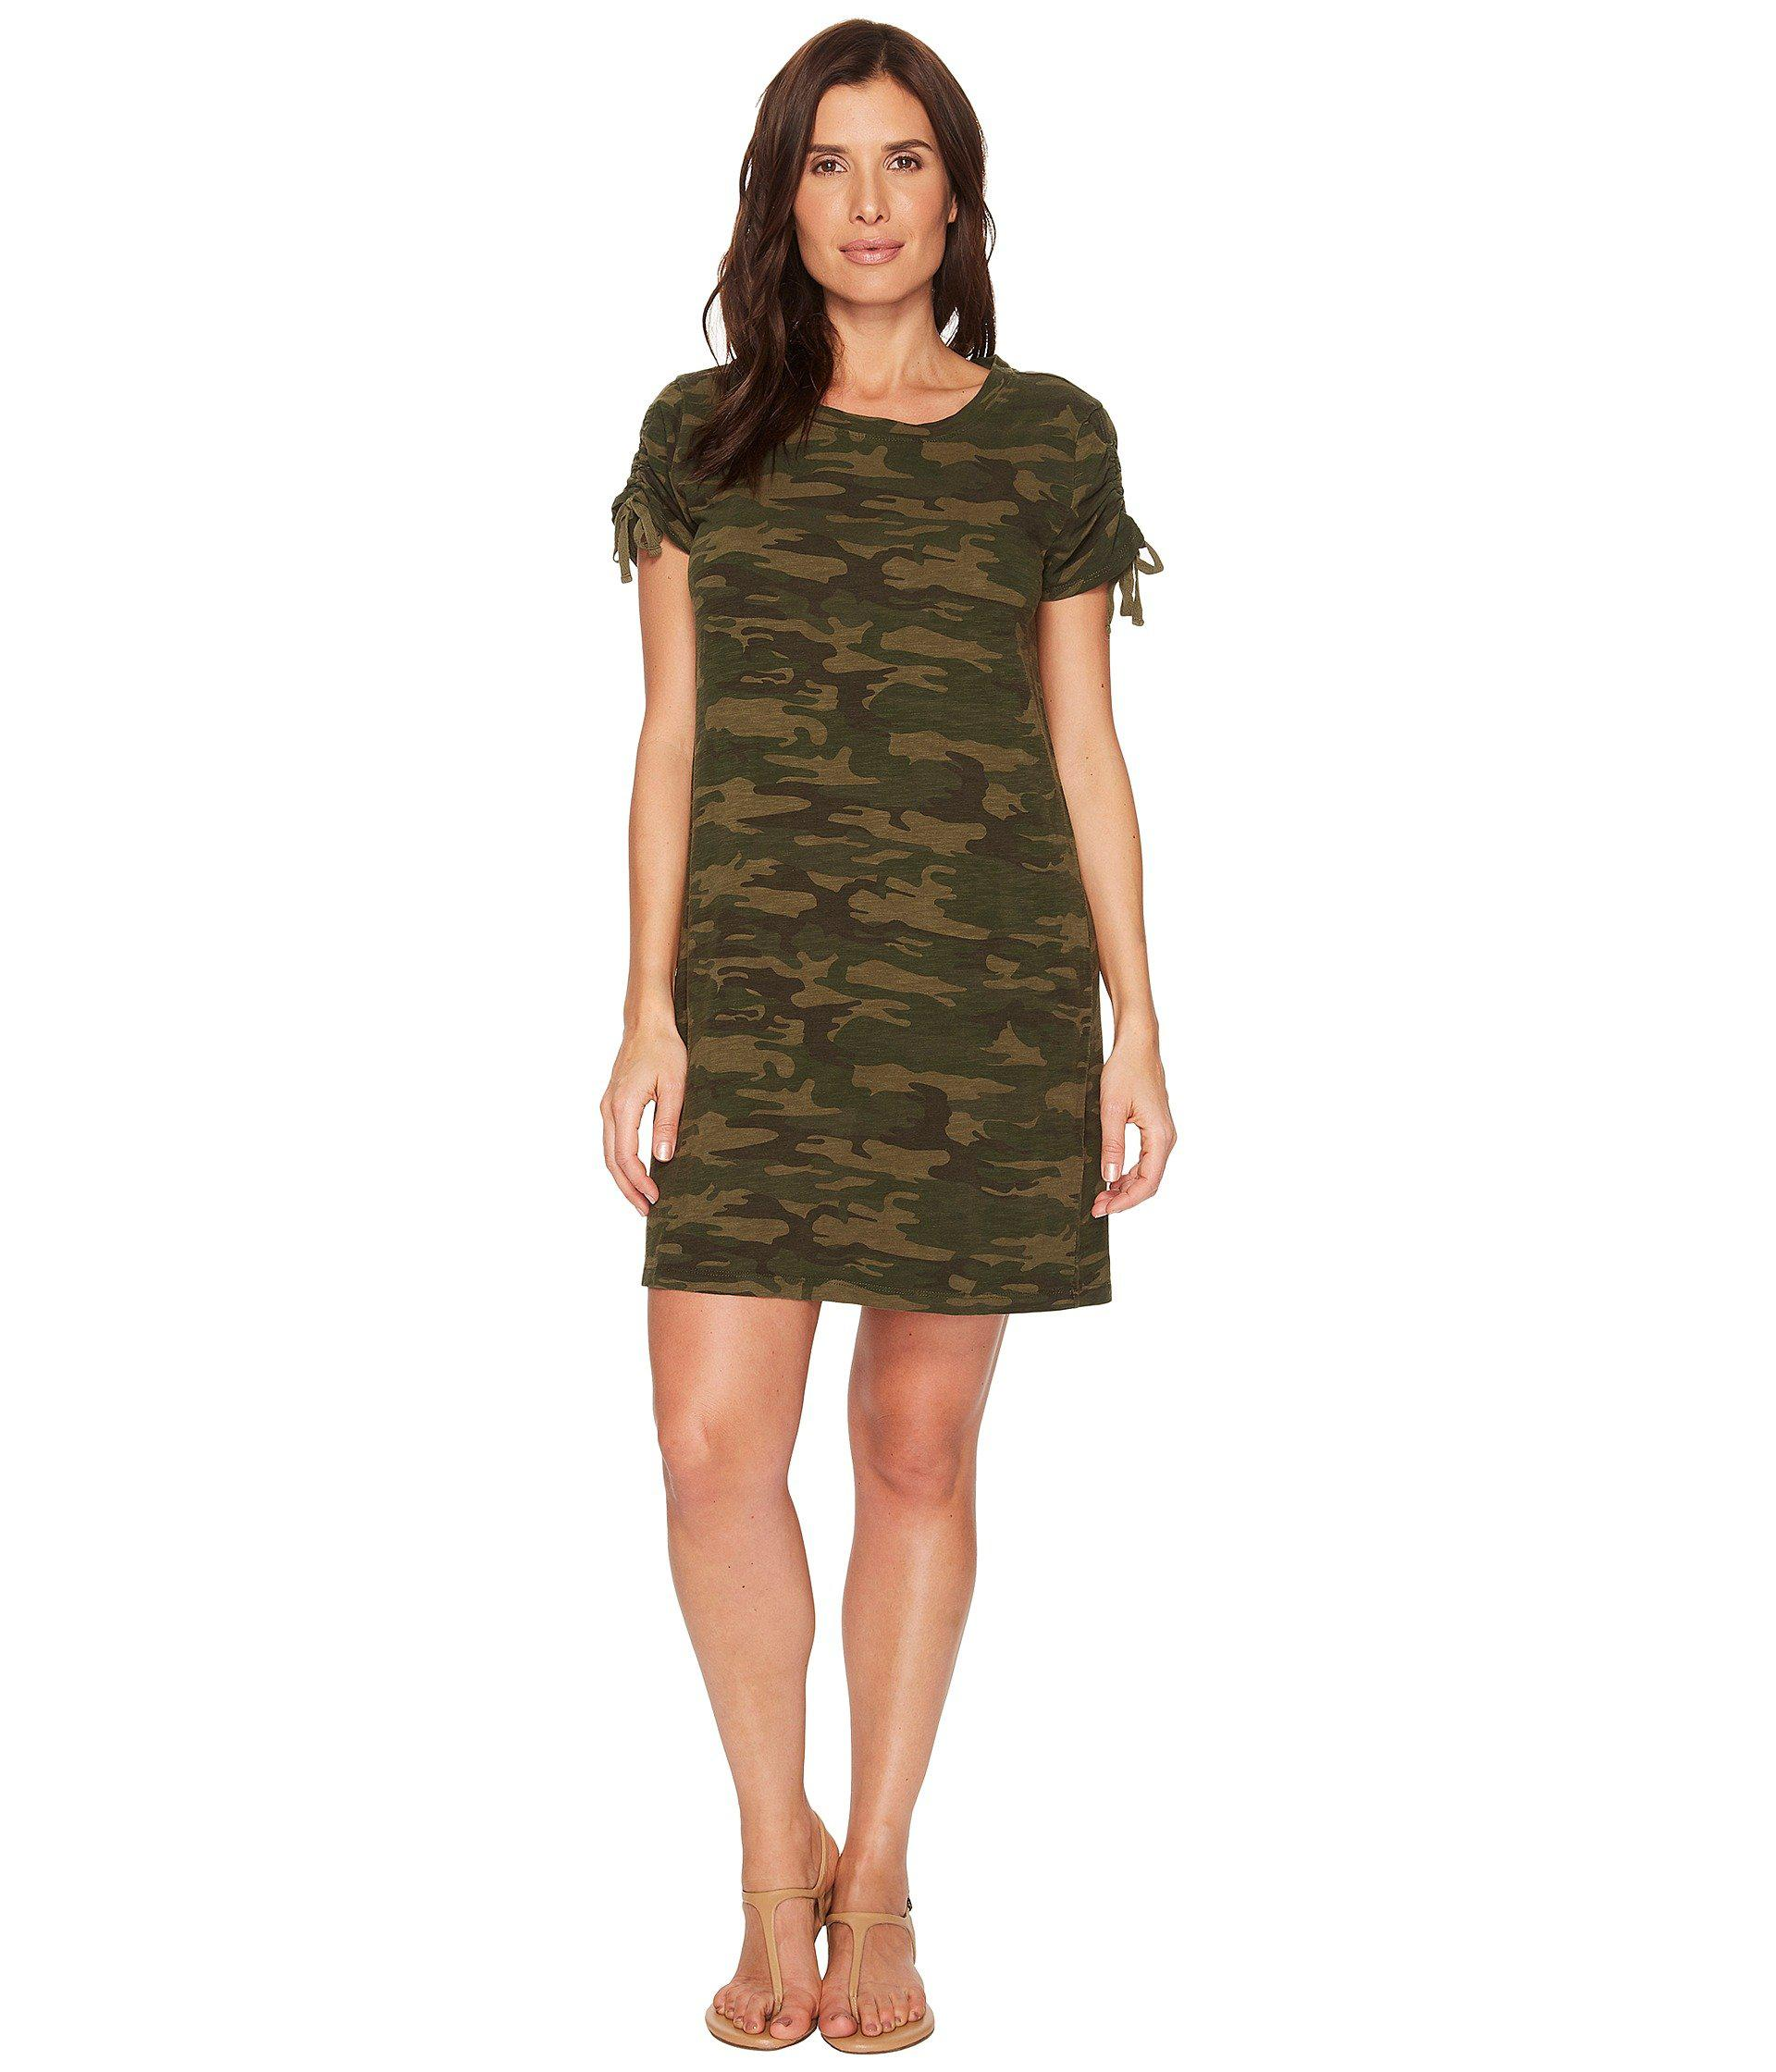 ace2b86af12 Lyst - Sanctuary Ojai Camo T-shirt Dress (mother Nature Camo ...